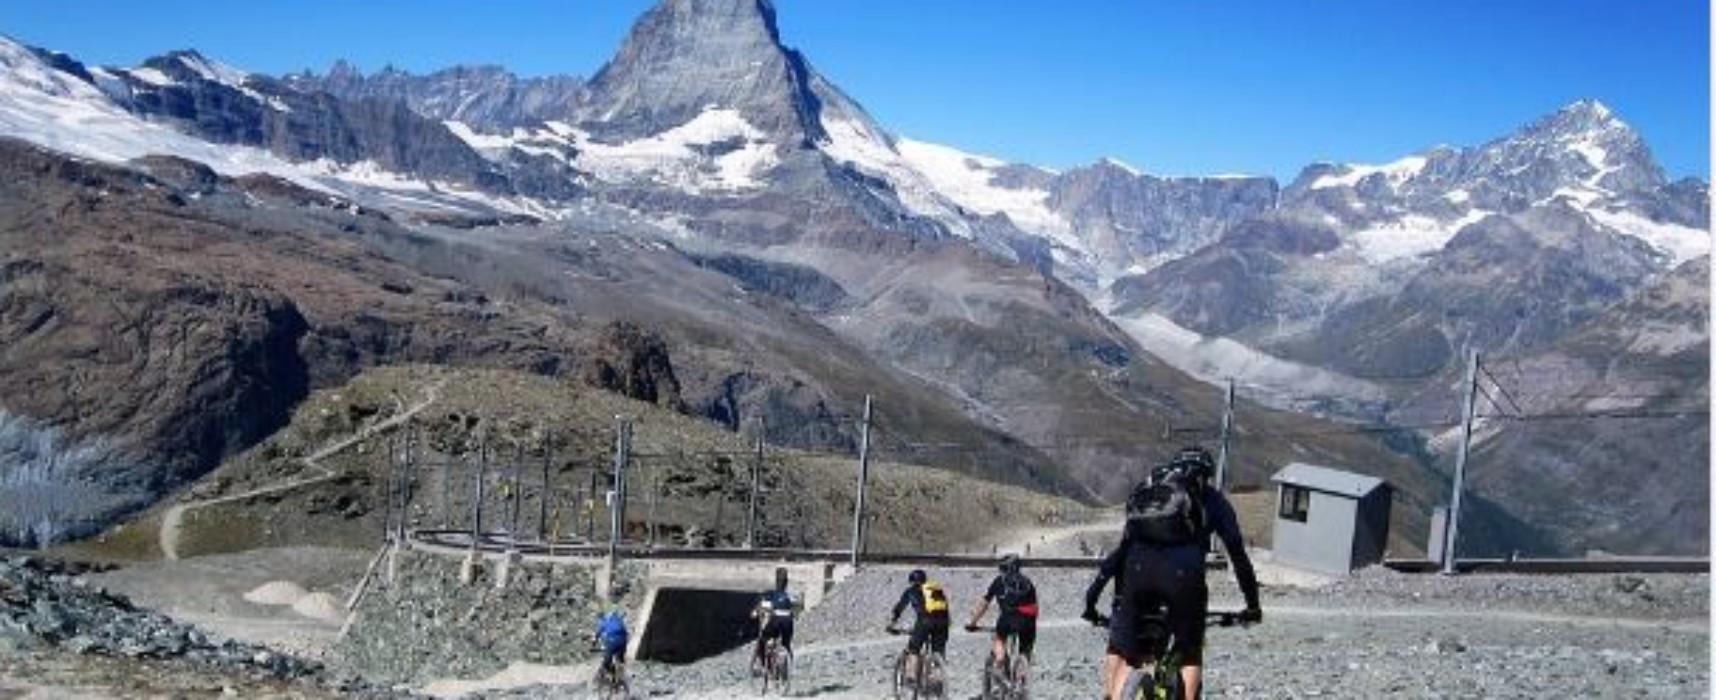 Gemeinde Zermatt zieht herrenlose Velos ein: